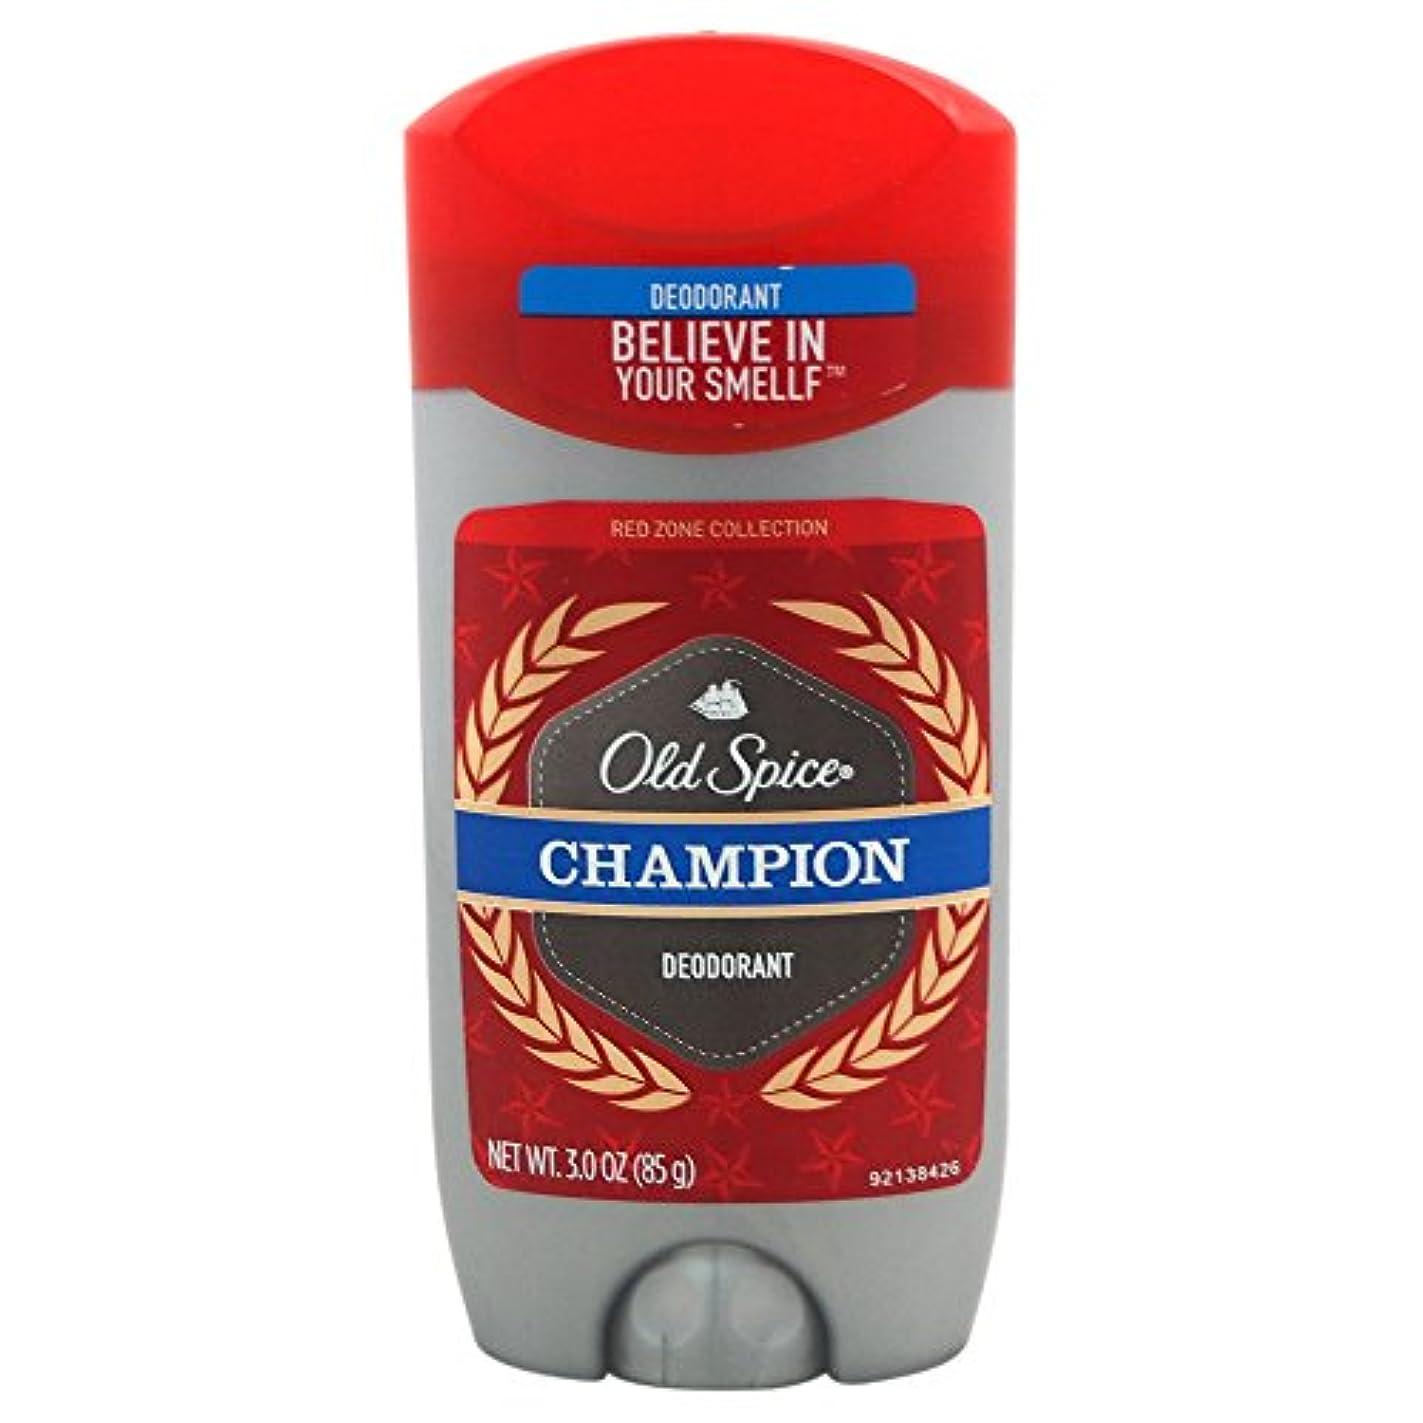 熱帯の拒絶第二オールドスパイス(Old Spice) Deodorant デオドラント Red zone CHAMPION/チャンピョン 85g[並行輸入品]